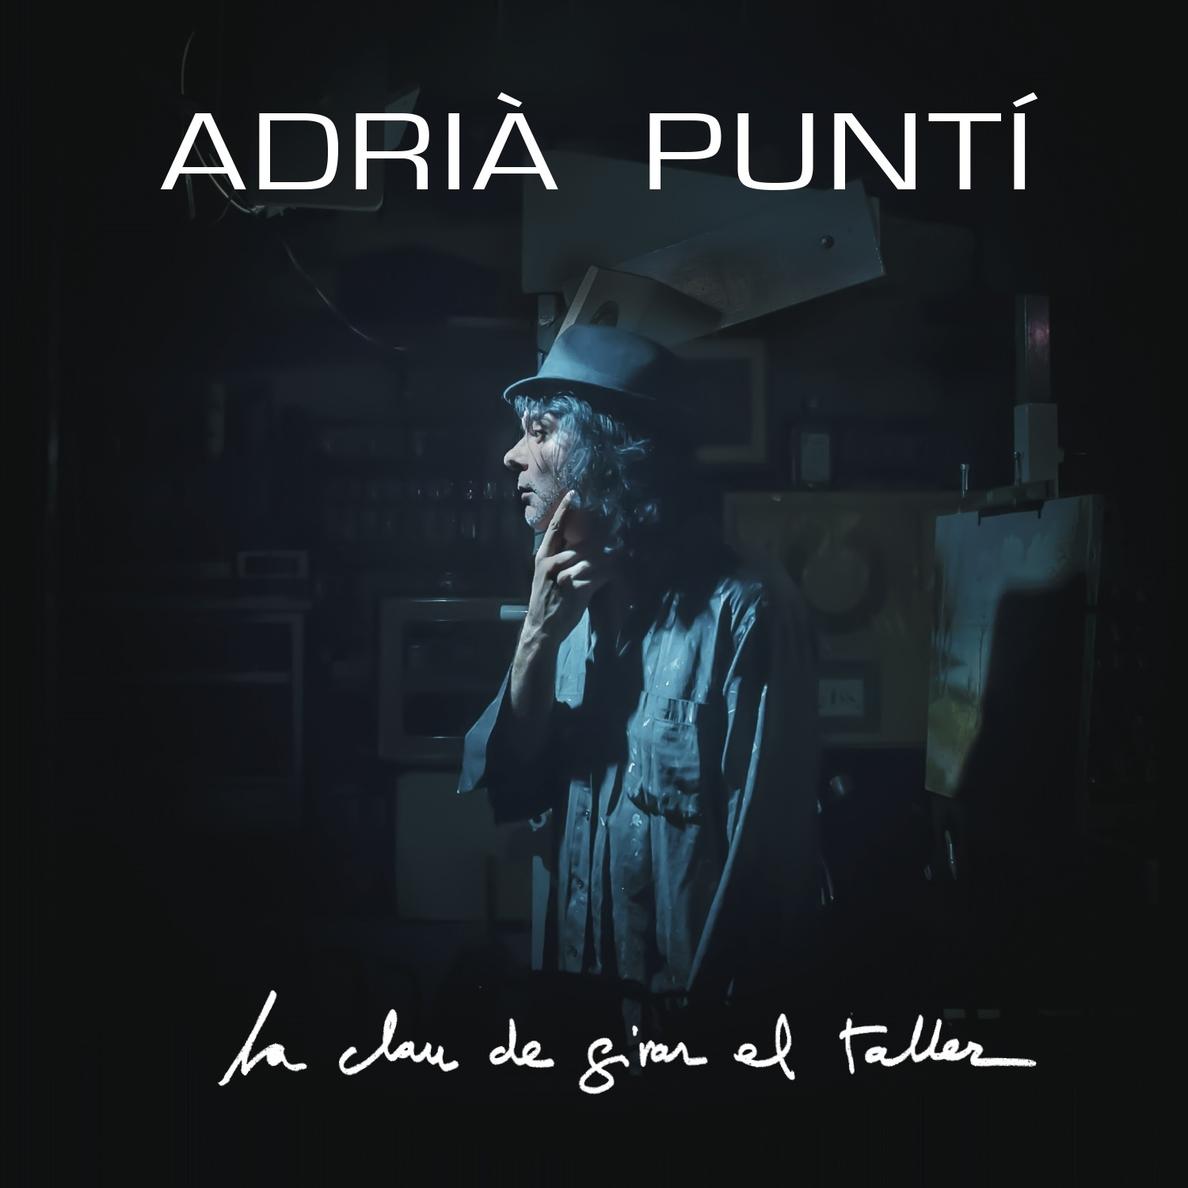 Adrià Puntí vuelve con su nuevo disco »La Clau de Girar el Taller»